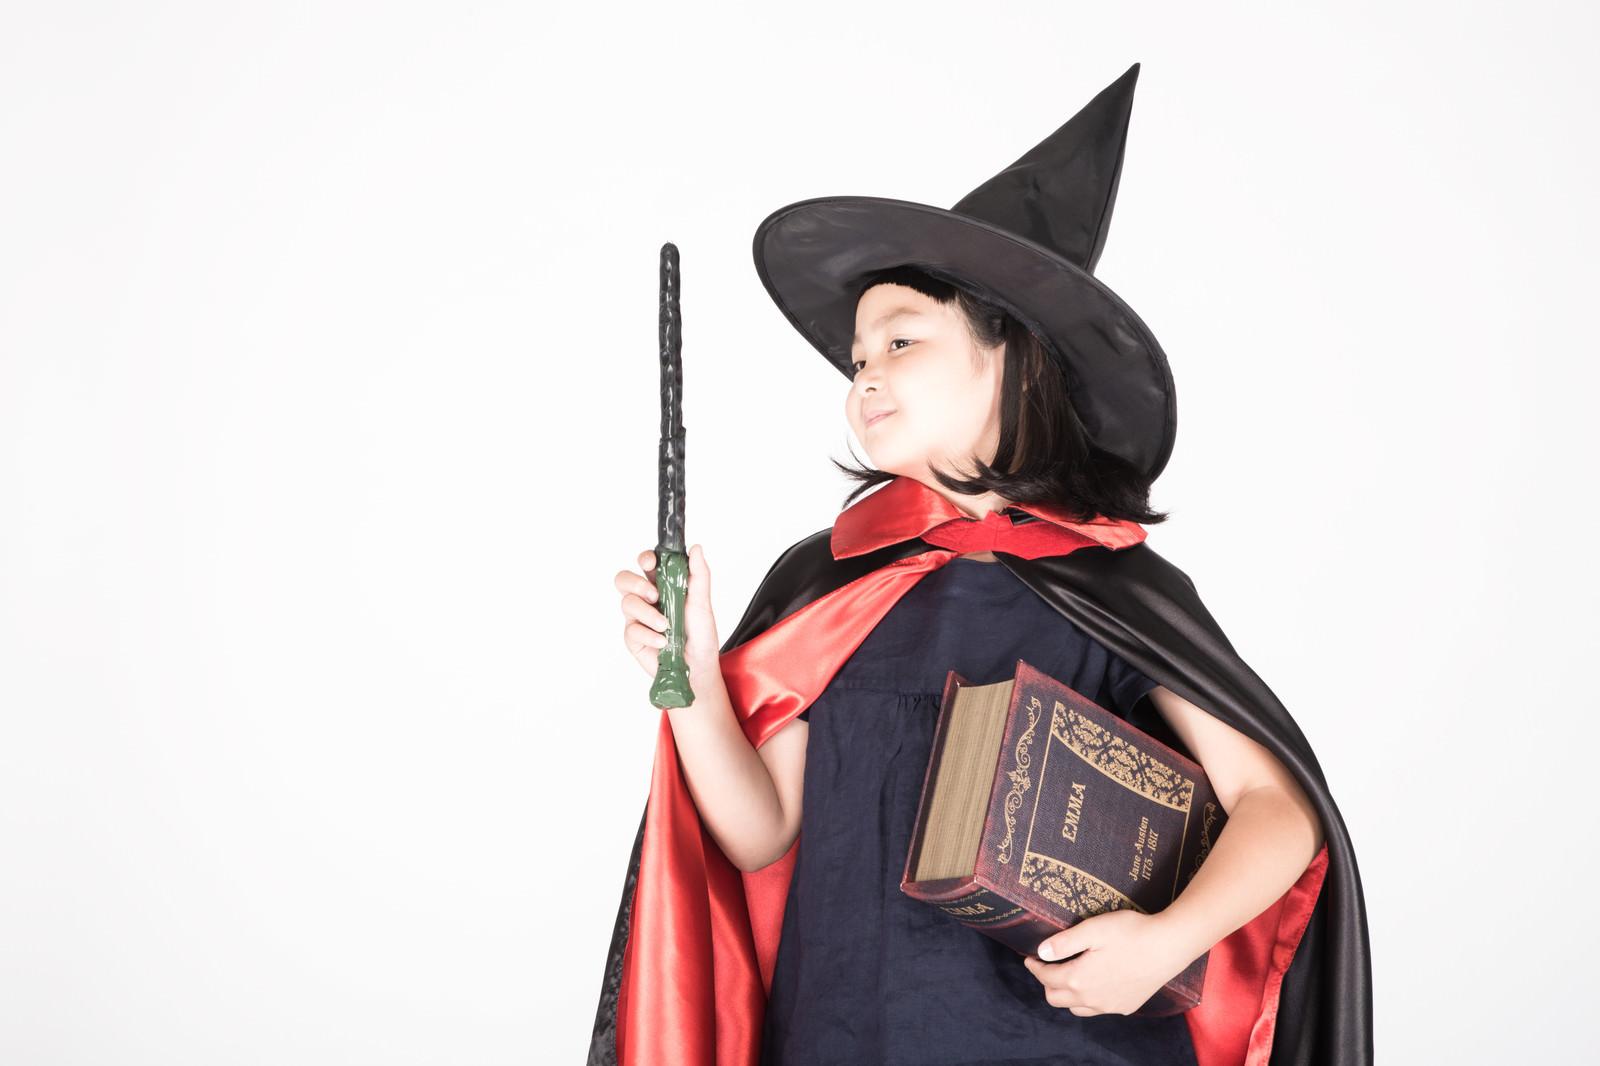 「魔法書を持った魔女娘魔法書を持った魔女娘」[モデル:ゆうき]のフリー写真素材を拡大